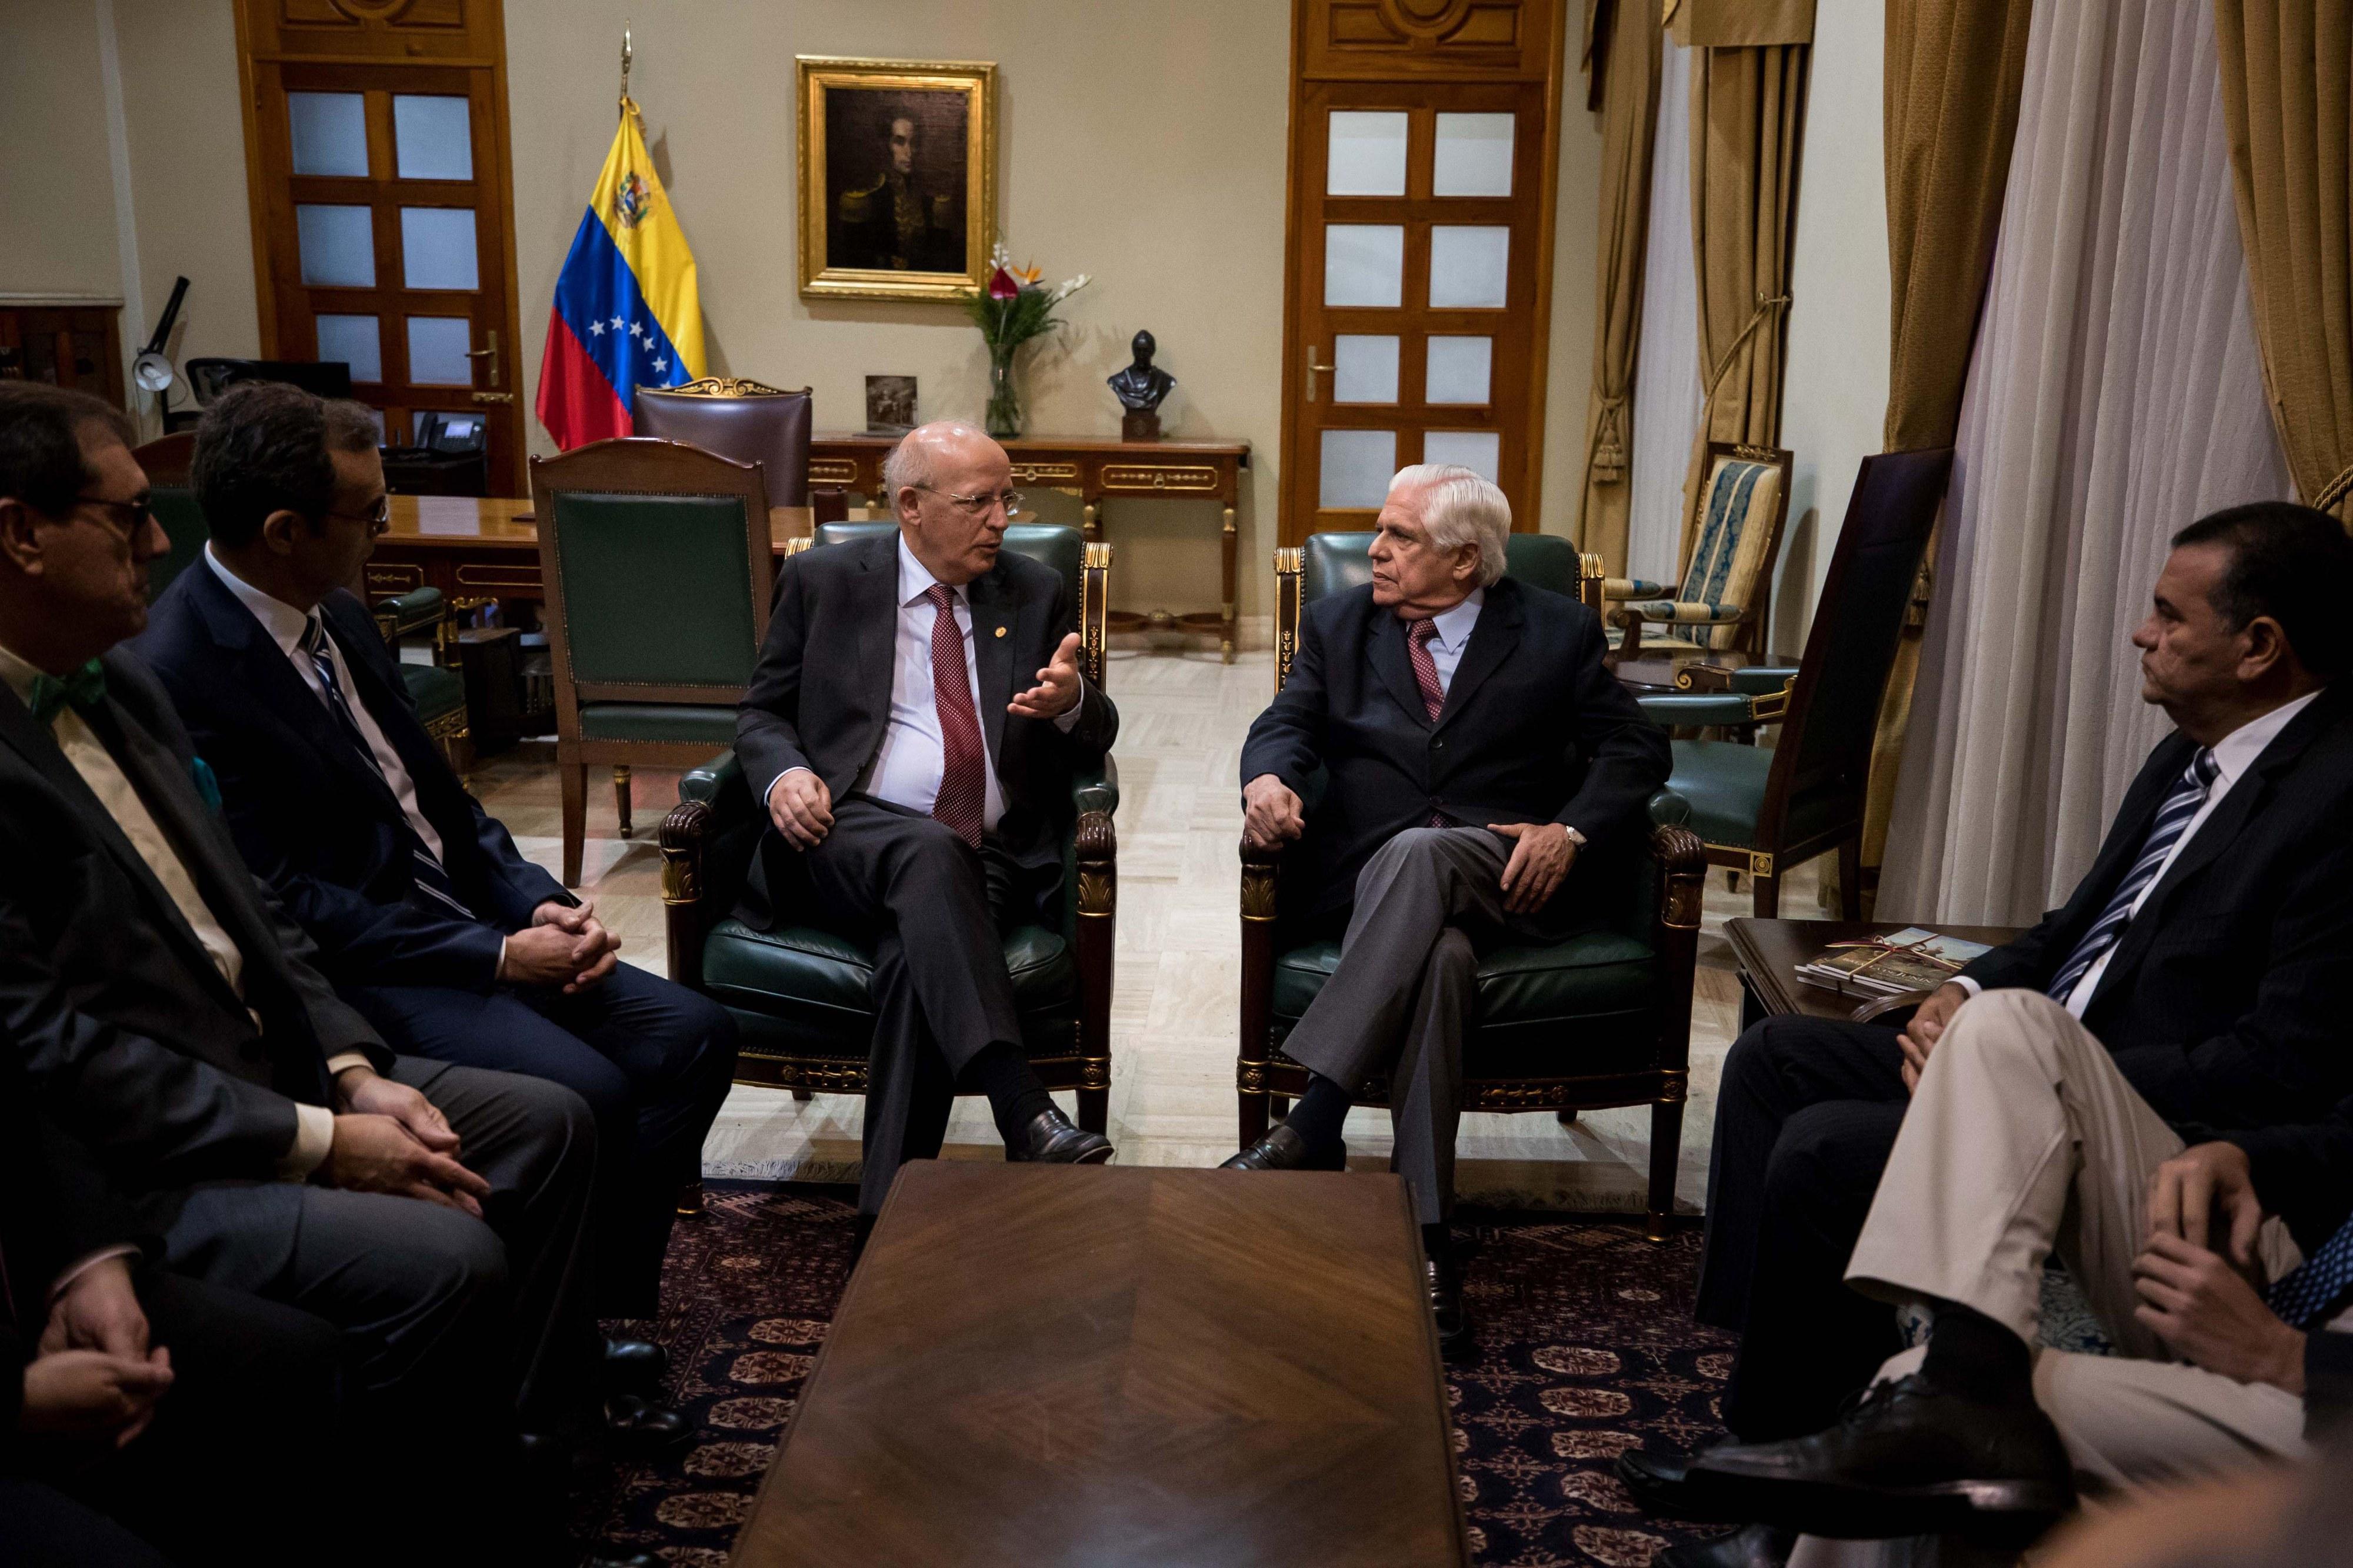 Venezuela: PS elogia ação diplomática, PSD, CDS e BE criticam divulgação de matéria reservada